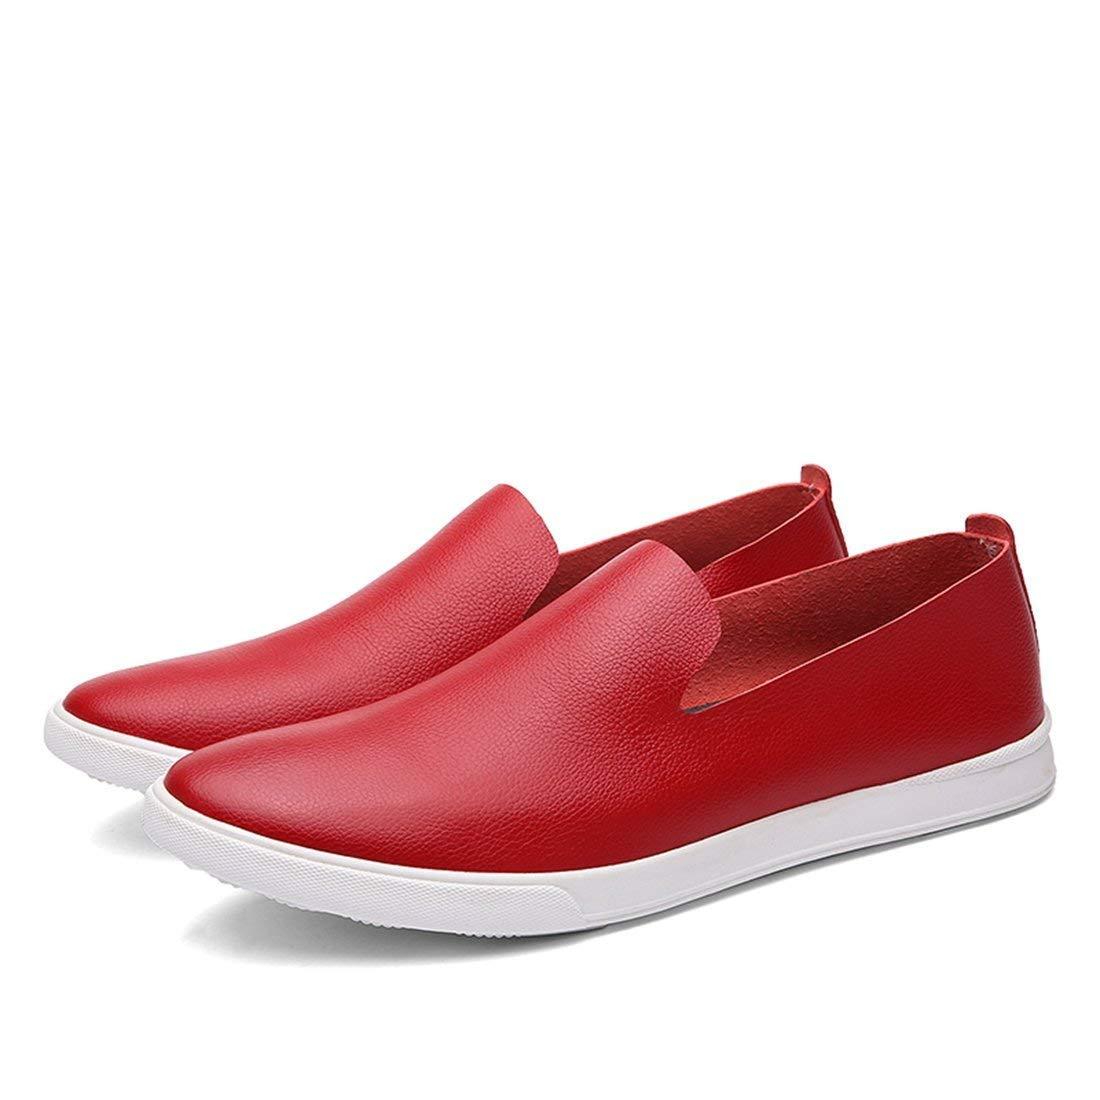 HhGold Mocasines de Vestir Rojos con Suela de Goma para niños de Boy Boy UK 8 (Color : -, tamaño : -): Amazon.es: Hogar